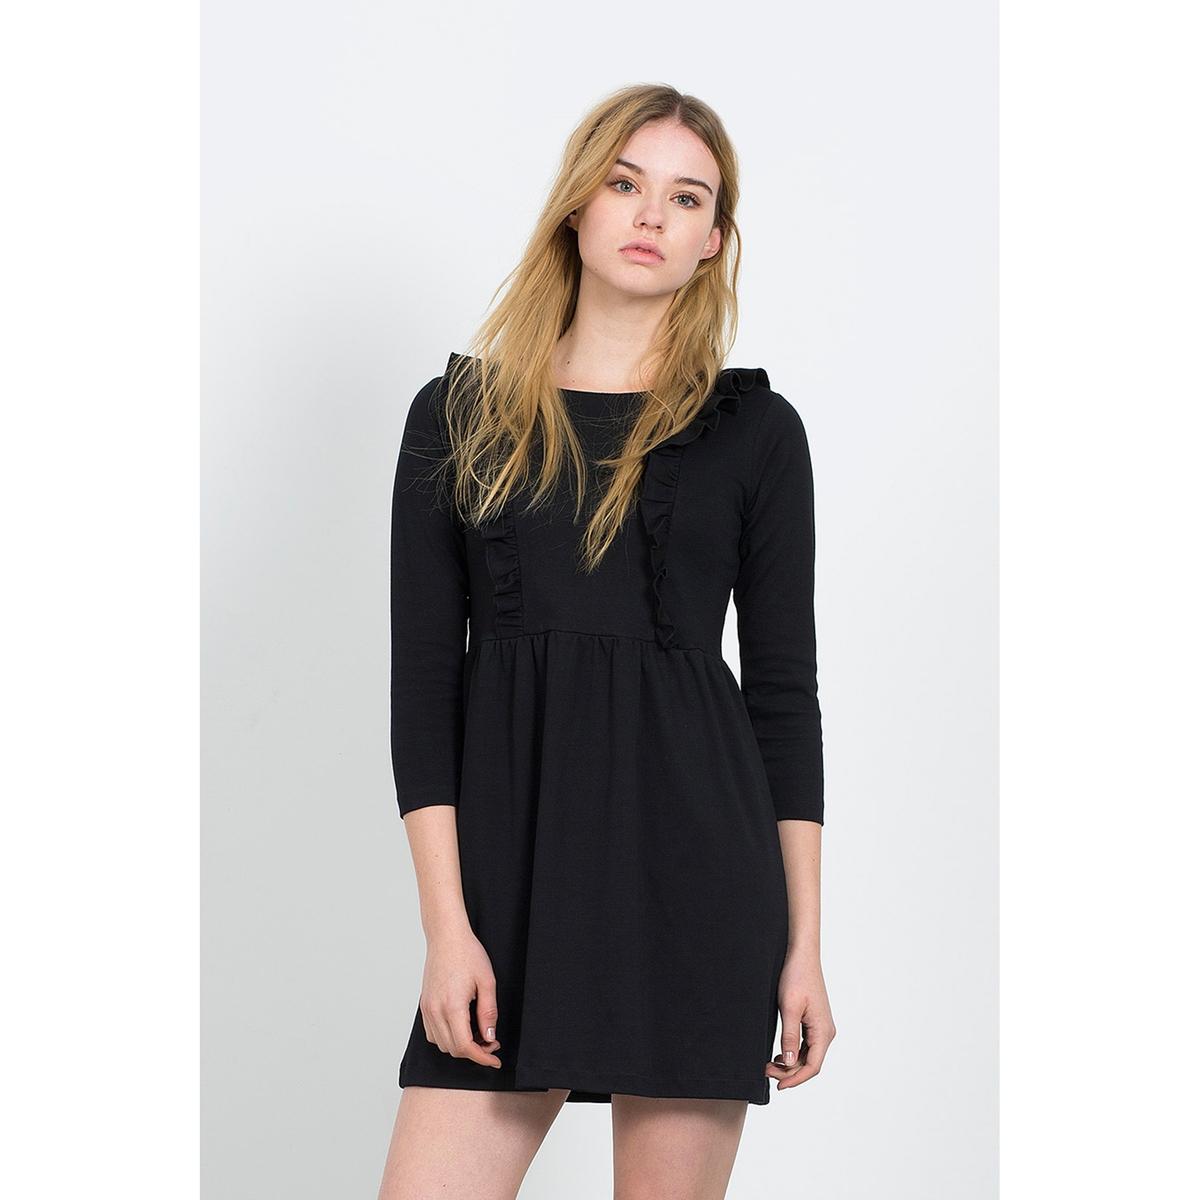 Короткое расклешённое платье SYDNEY BLACK DRESSСостав и описание :Материал : 100% хлопокМарка : COMPANIA FANTASTICA.УходМашинная стирка при 30 °С с вещами схожих цветов  Стирать и гладить с изнаночной стороны<br><br>Цвет: красный,черный<br>Размер: M.L